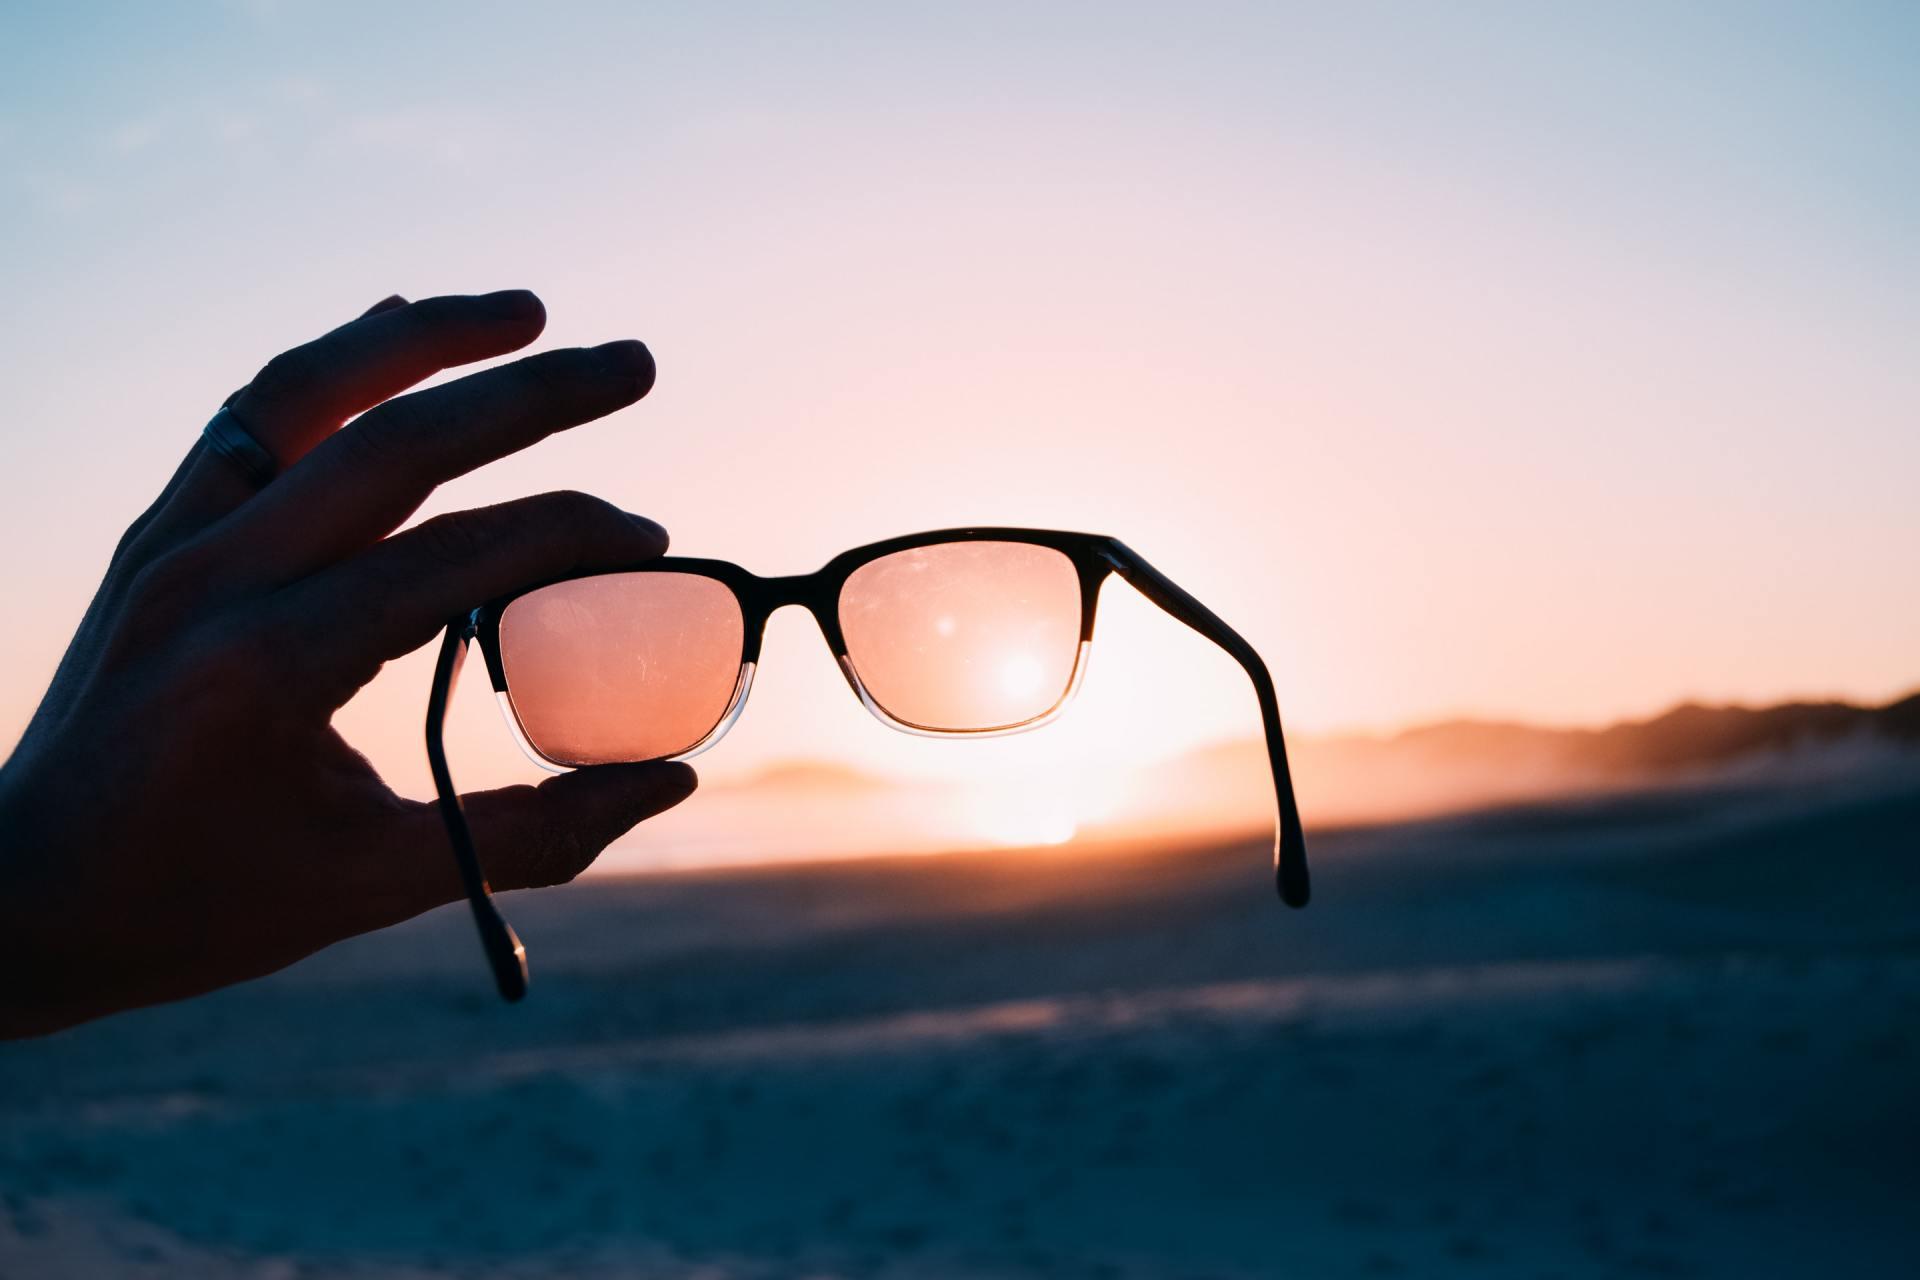 557c4e065 Com a enorme variedade de lentes, formatos, cores, tendências e materiais,  os óculos escuros, ou de Sol, tornaram-se, atualmente, além de um acessório  de ...